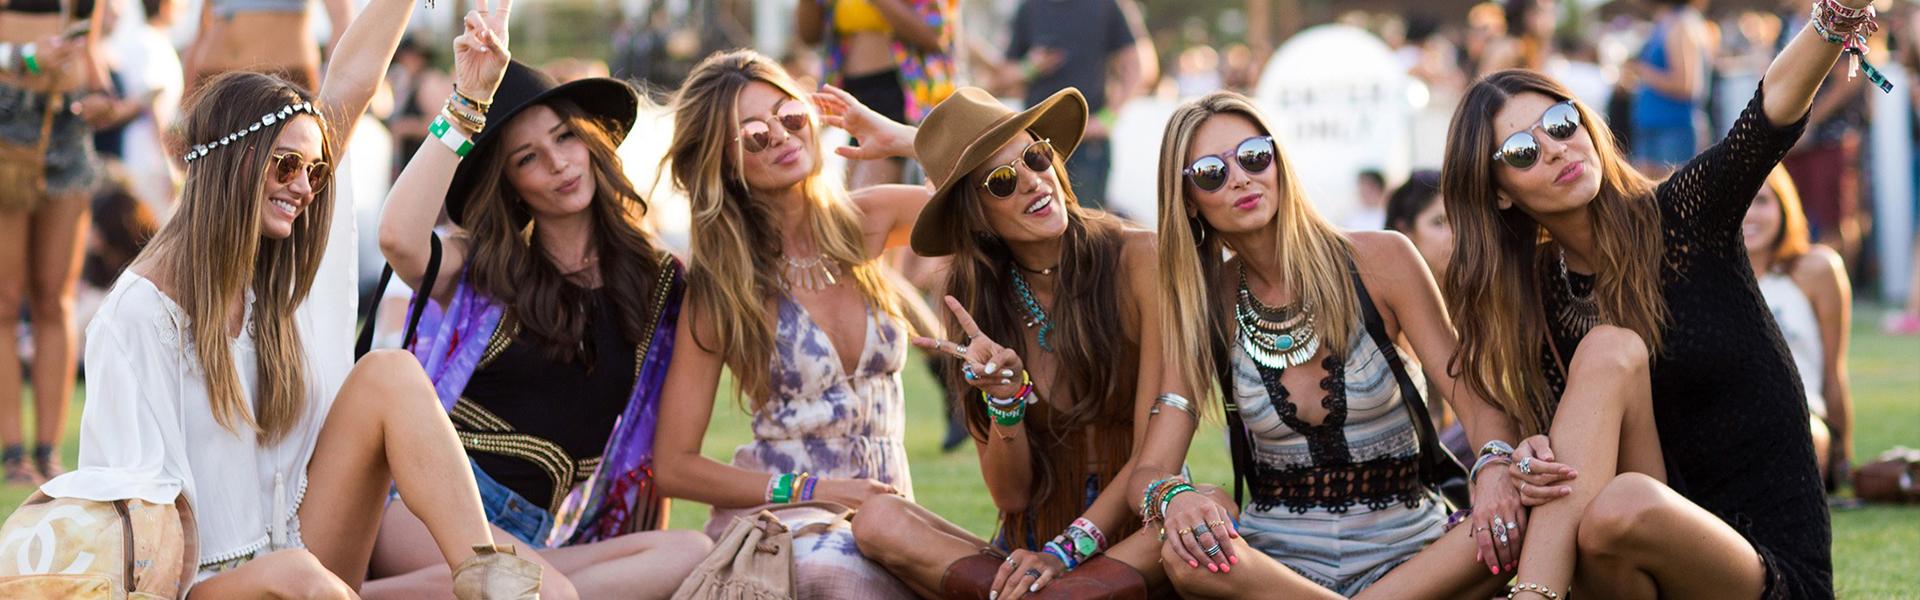 Хит комбинации за незаборавно фестивалско лето со Fashion Group & Avalon